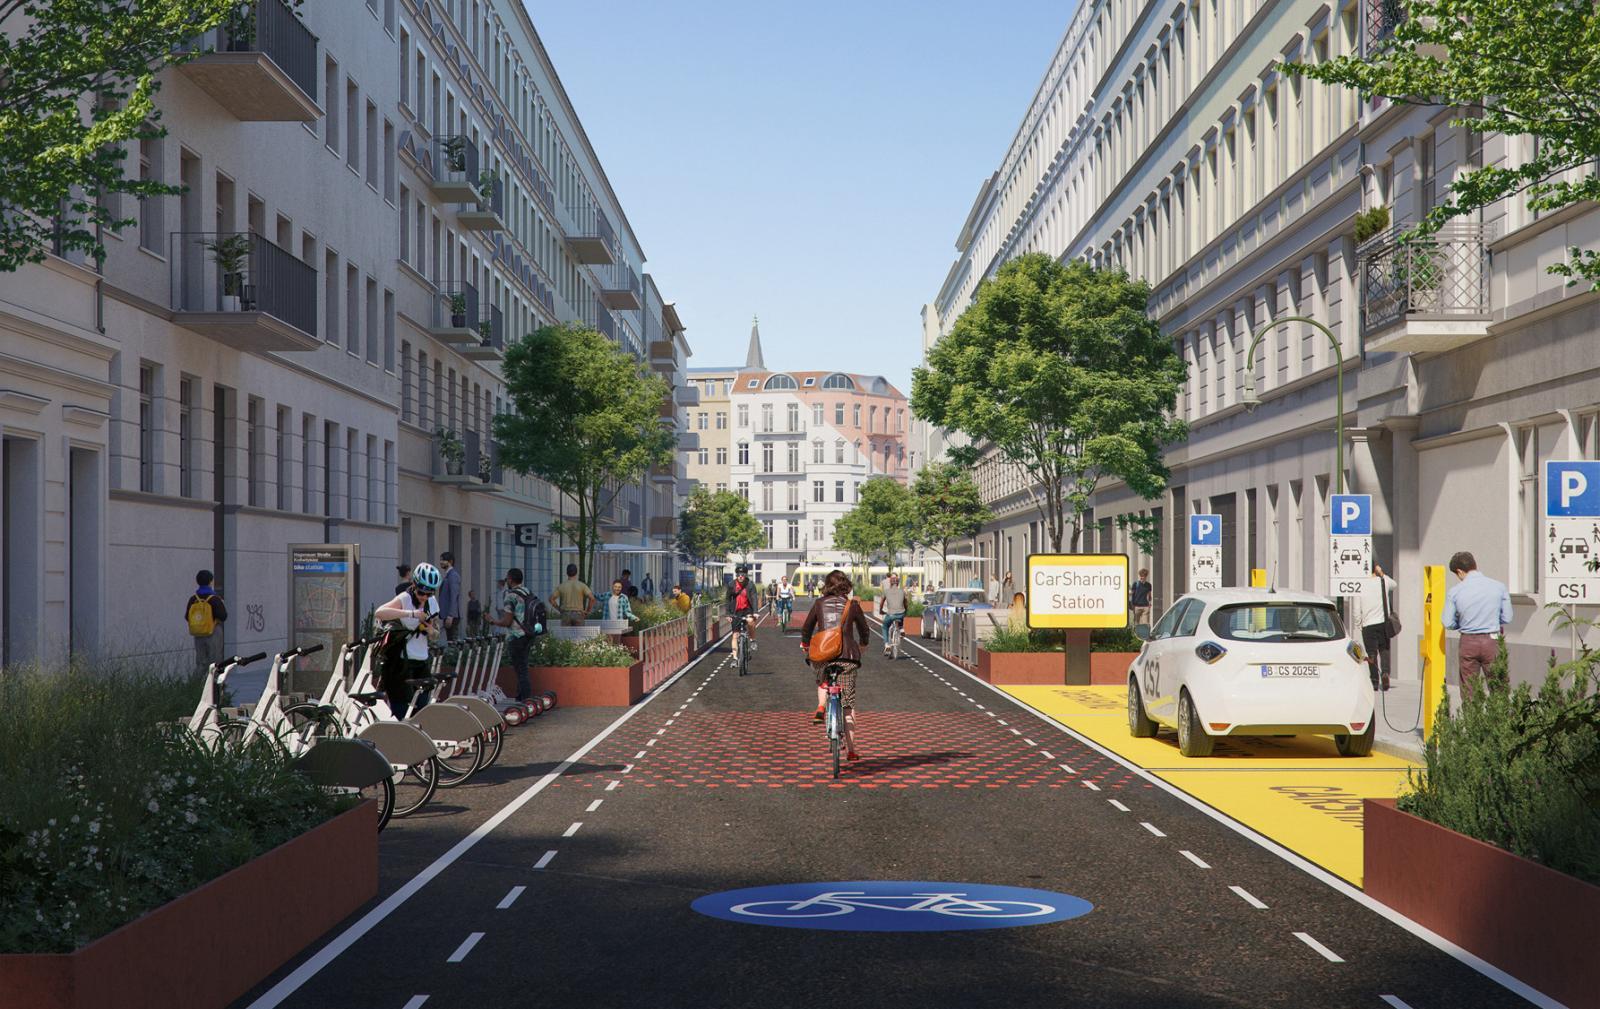 Ein CarSharing-Fahrzeug ersetzt bis zu 20 private Pkw. Der flächendeckende Ausbau des CarSharing schafft Platz in den Städten. Foto: THIRD